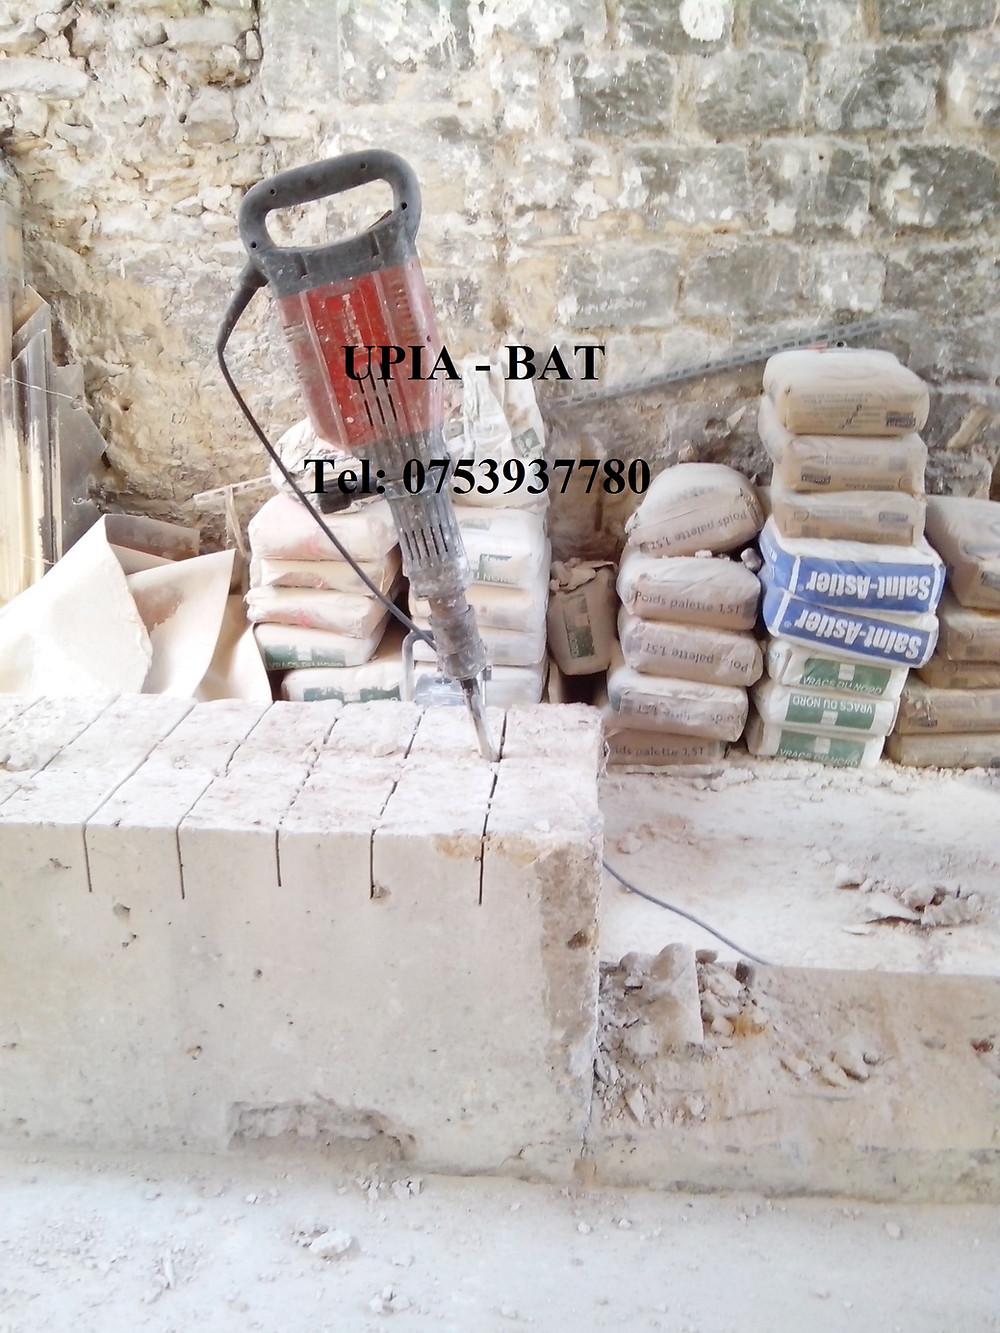 UPIA BAT - Debarasser gravats